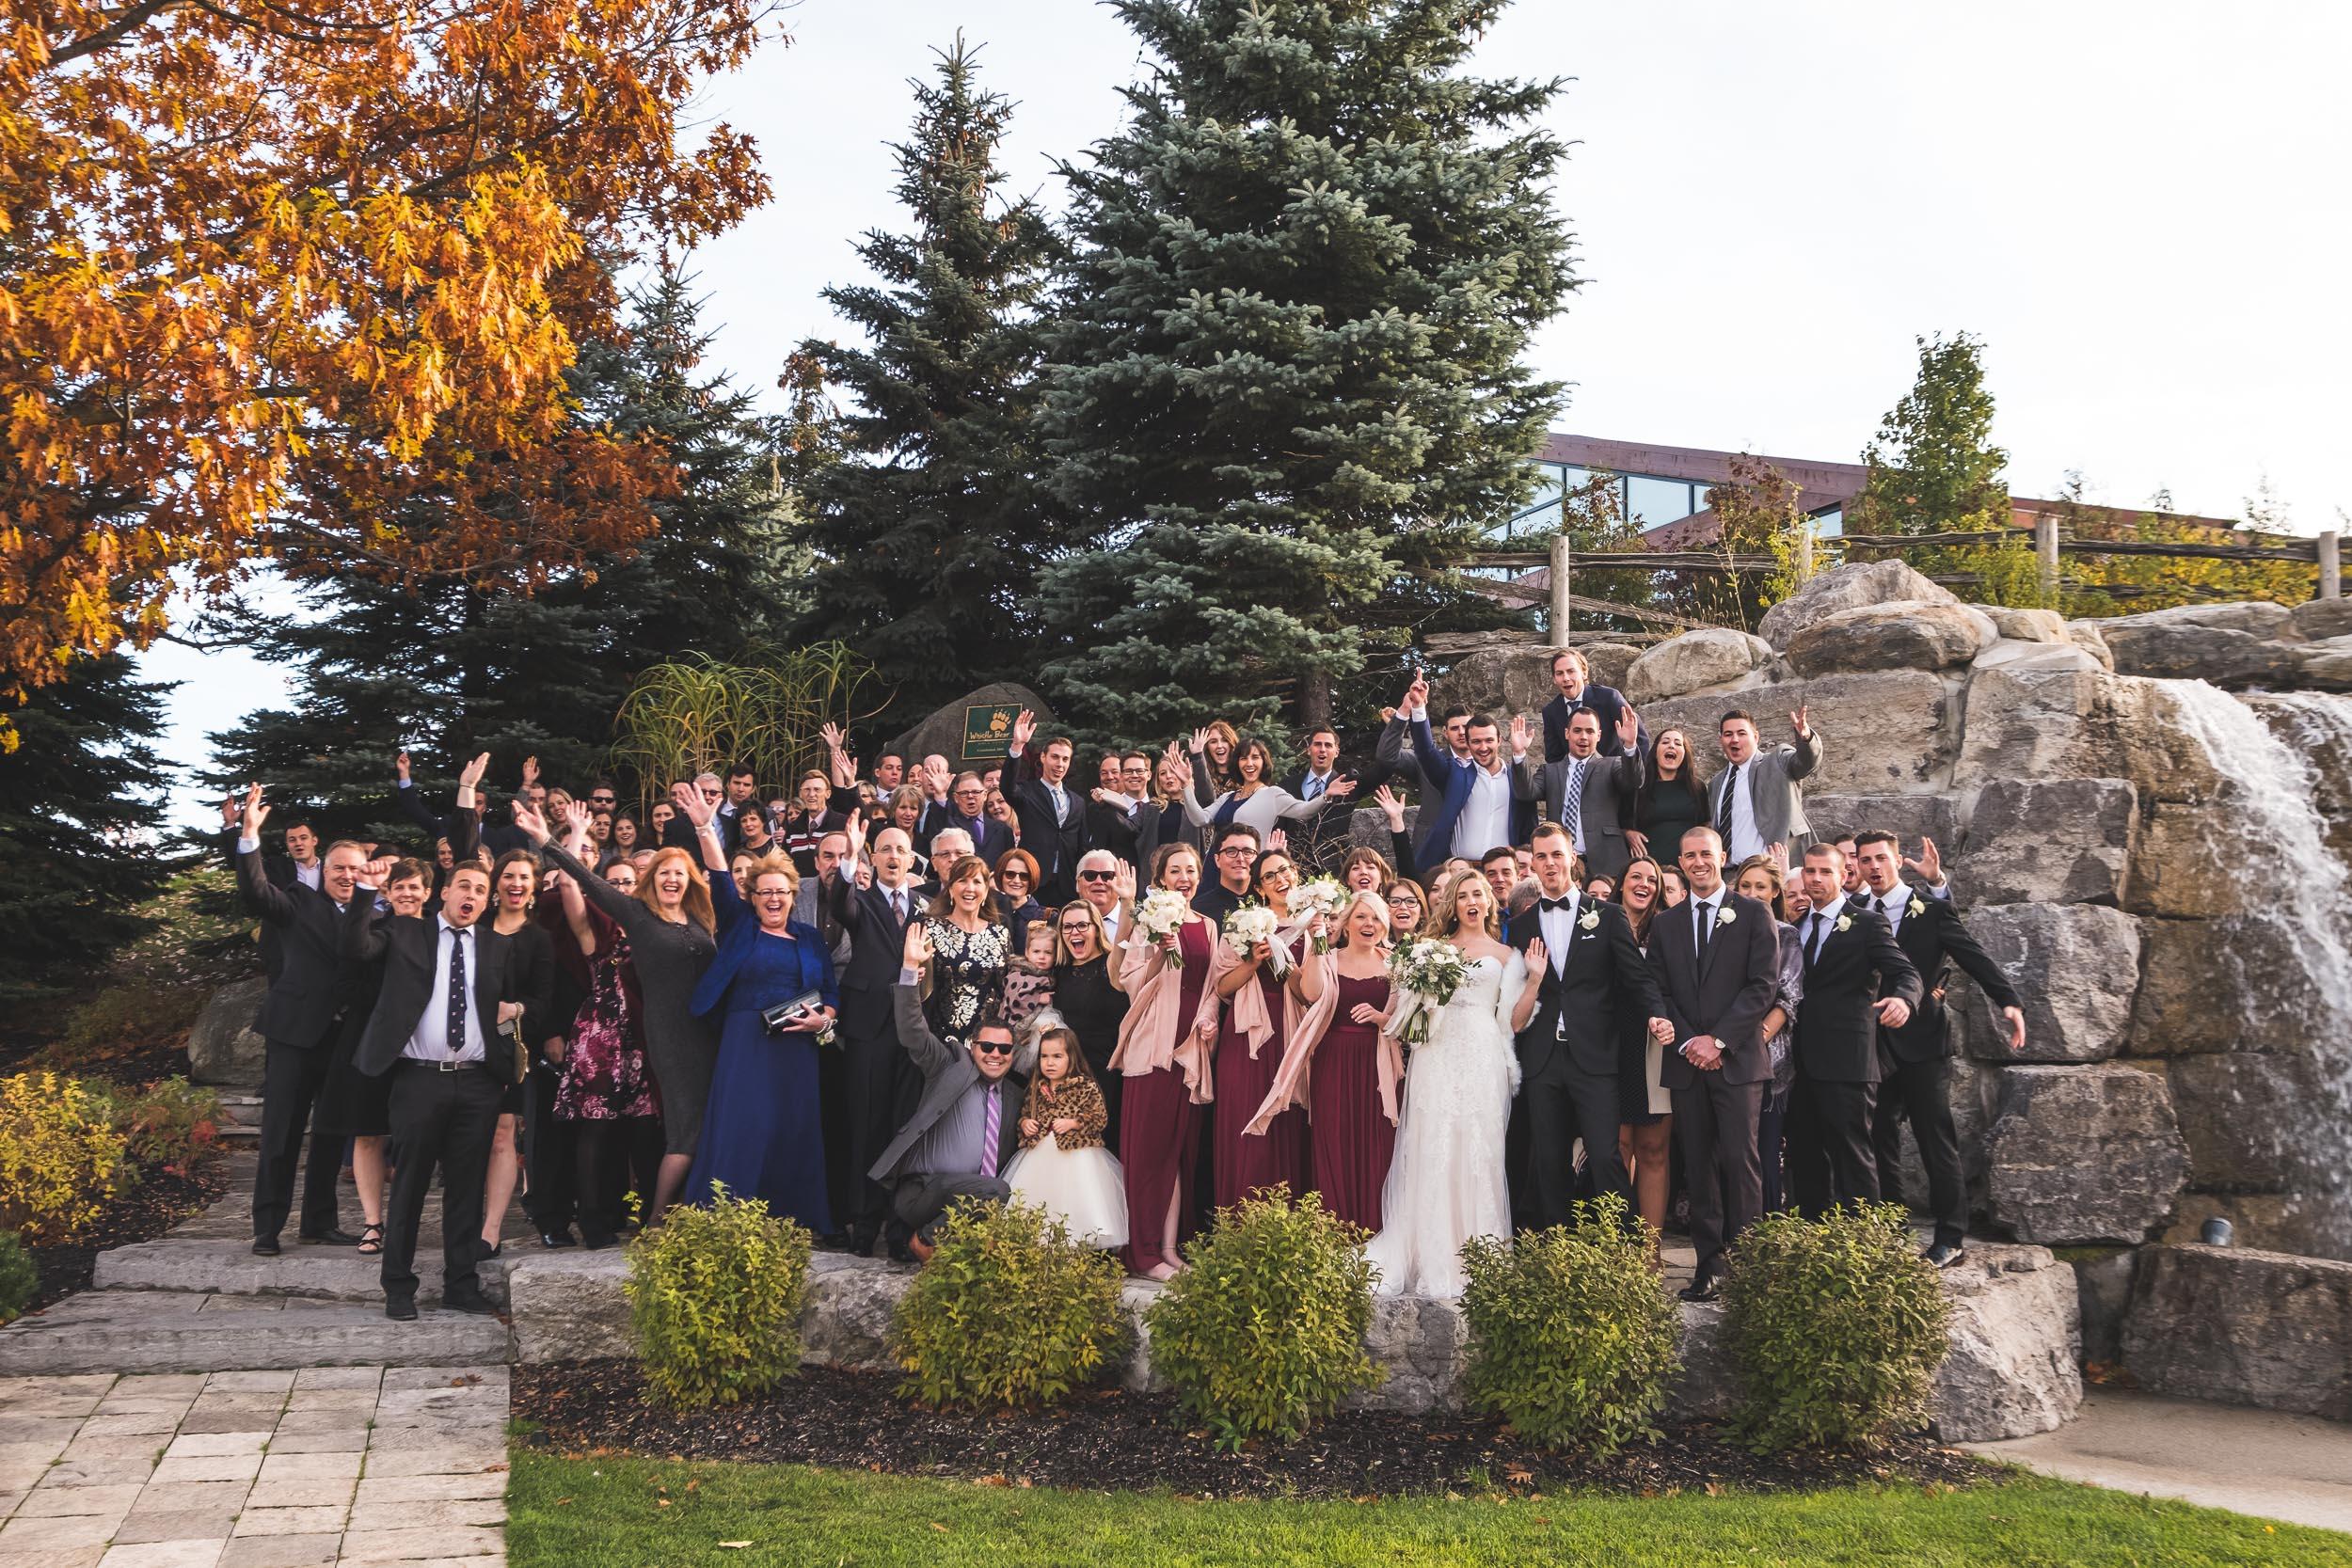 FumioWeddings - Real Weddings KJ-29.jpg